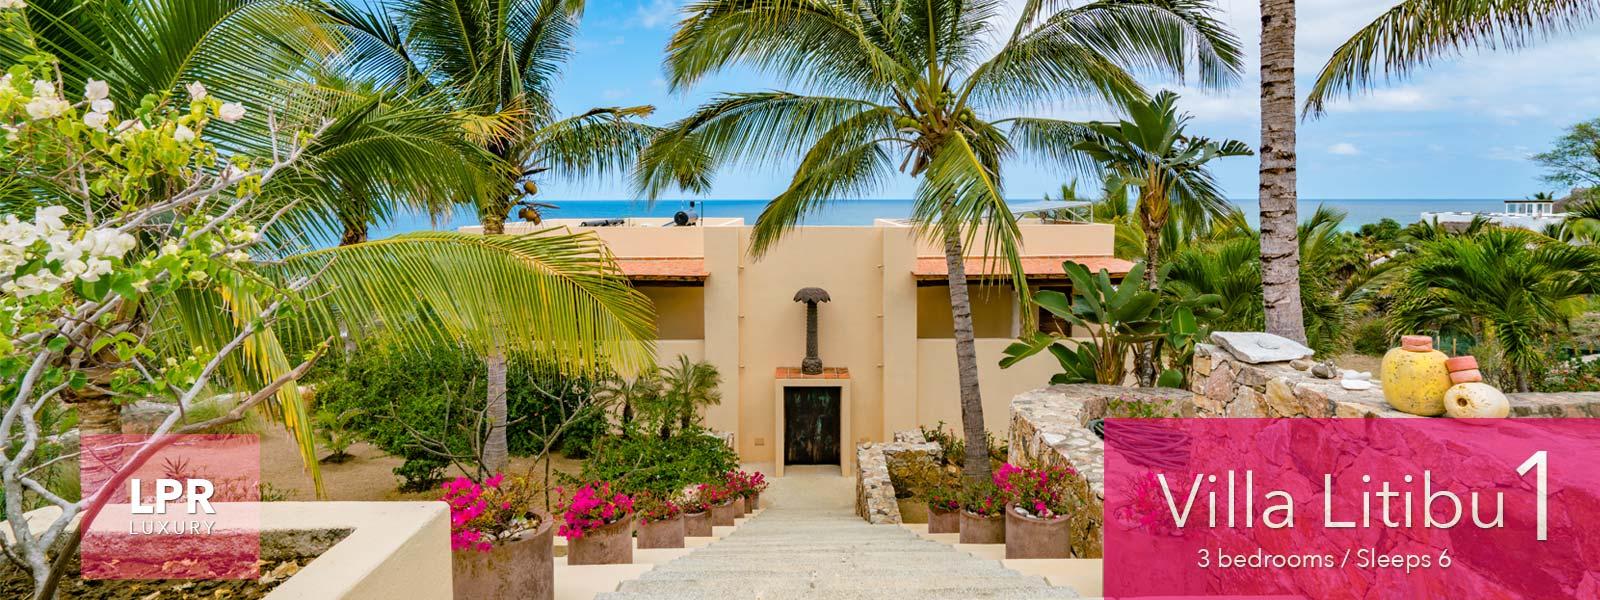 Villa Litibu 1 - Punta de Mita Real Estate - Riviera Nayarit, Mexico